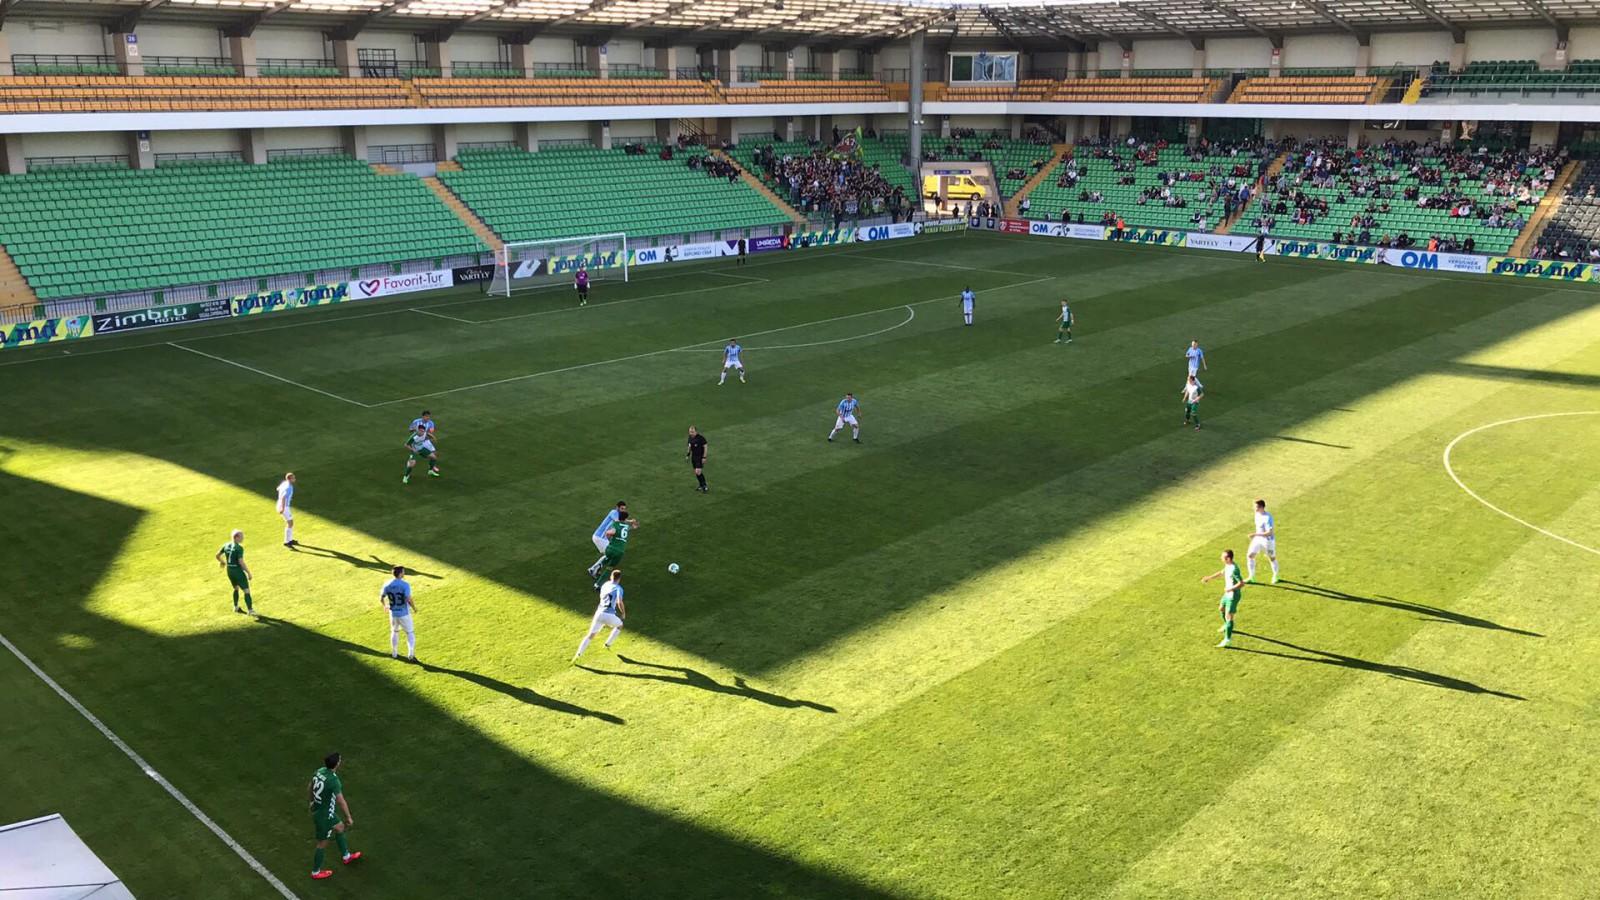 (video) Un nou pas greșit pentru FC Zimbru. A remizat acasă, scor 1:1 cu Speranța Nisporeni